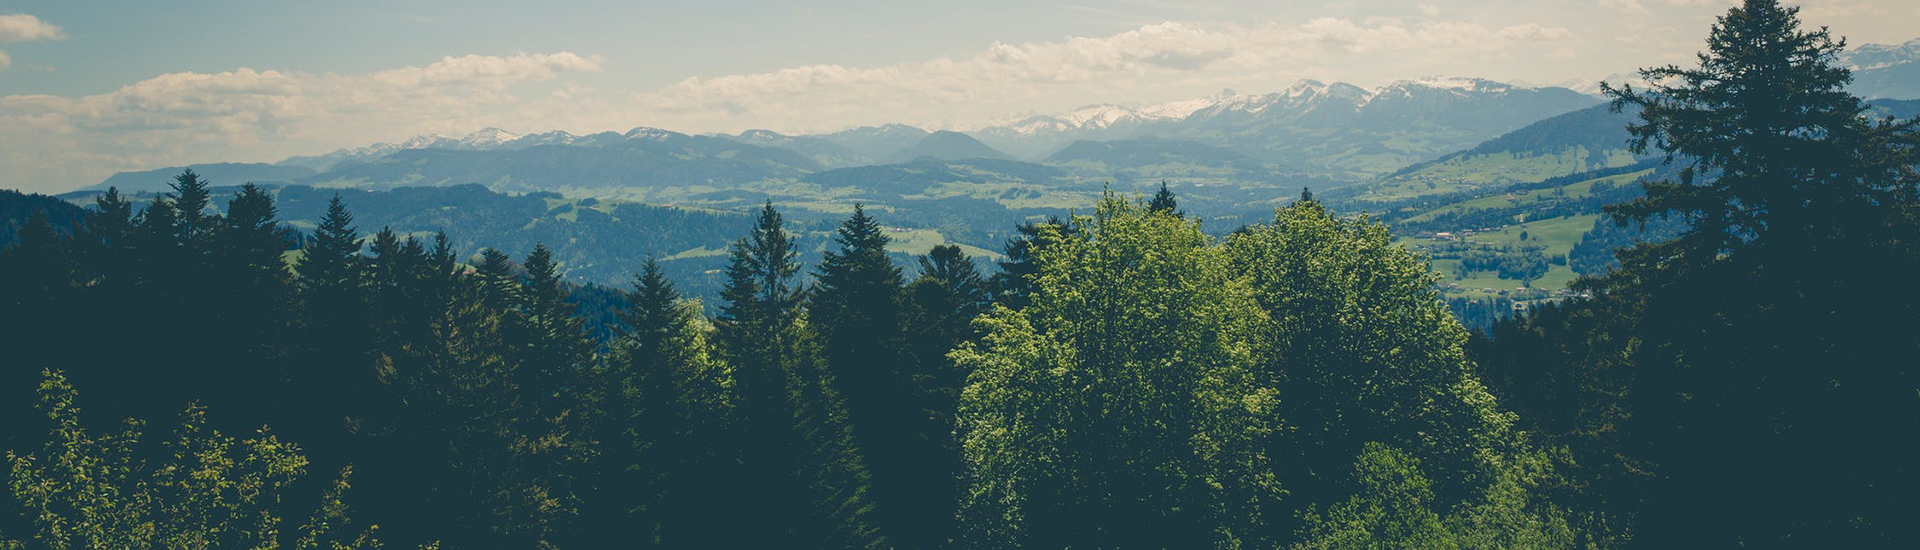 Хөвсгөл аймгийн байгаль орчны цахим биржийн систем